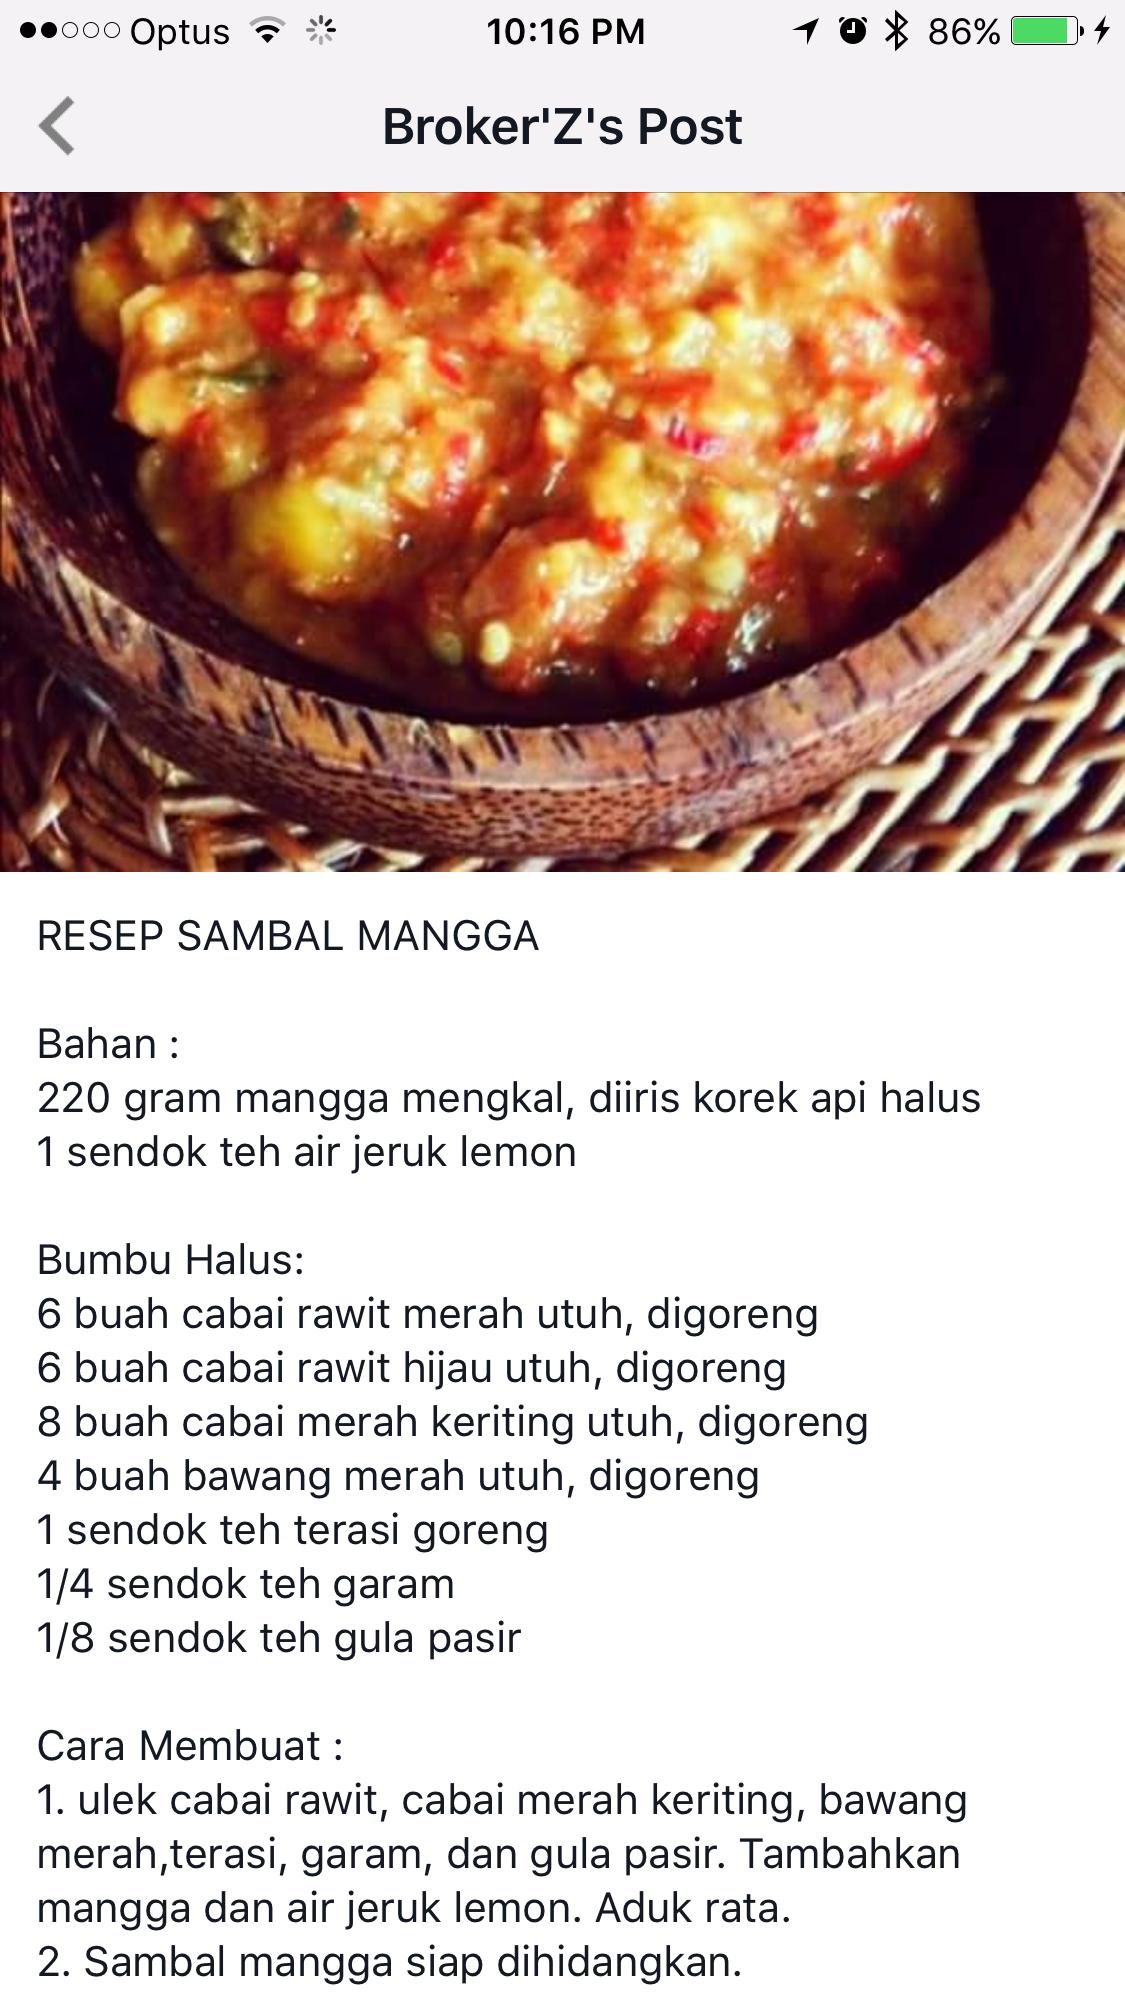 Szechuan Style Lamb Skewer With Indonesian Peanut Satay Sauce Resep Sate Kambing Sichuan Bumbu Kacang Resep Masakan Pedas Kacang Kambing